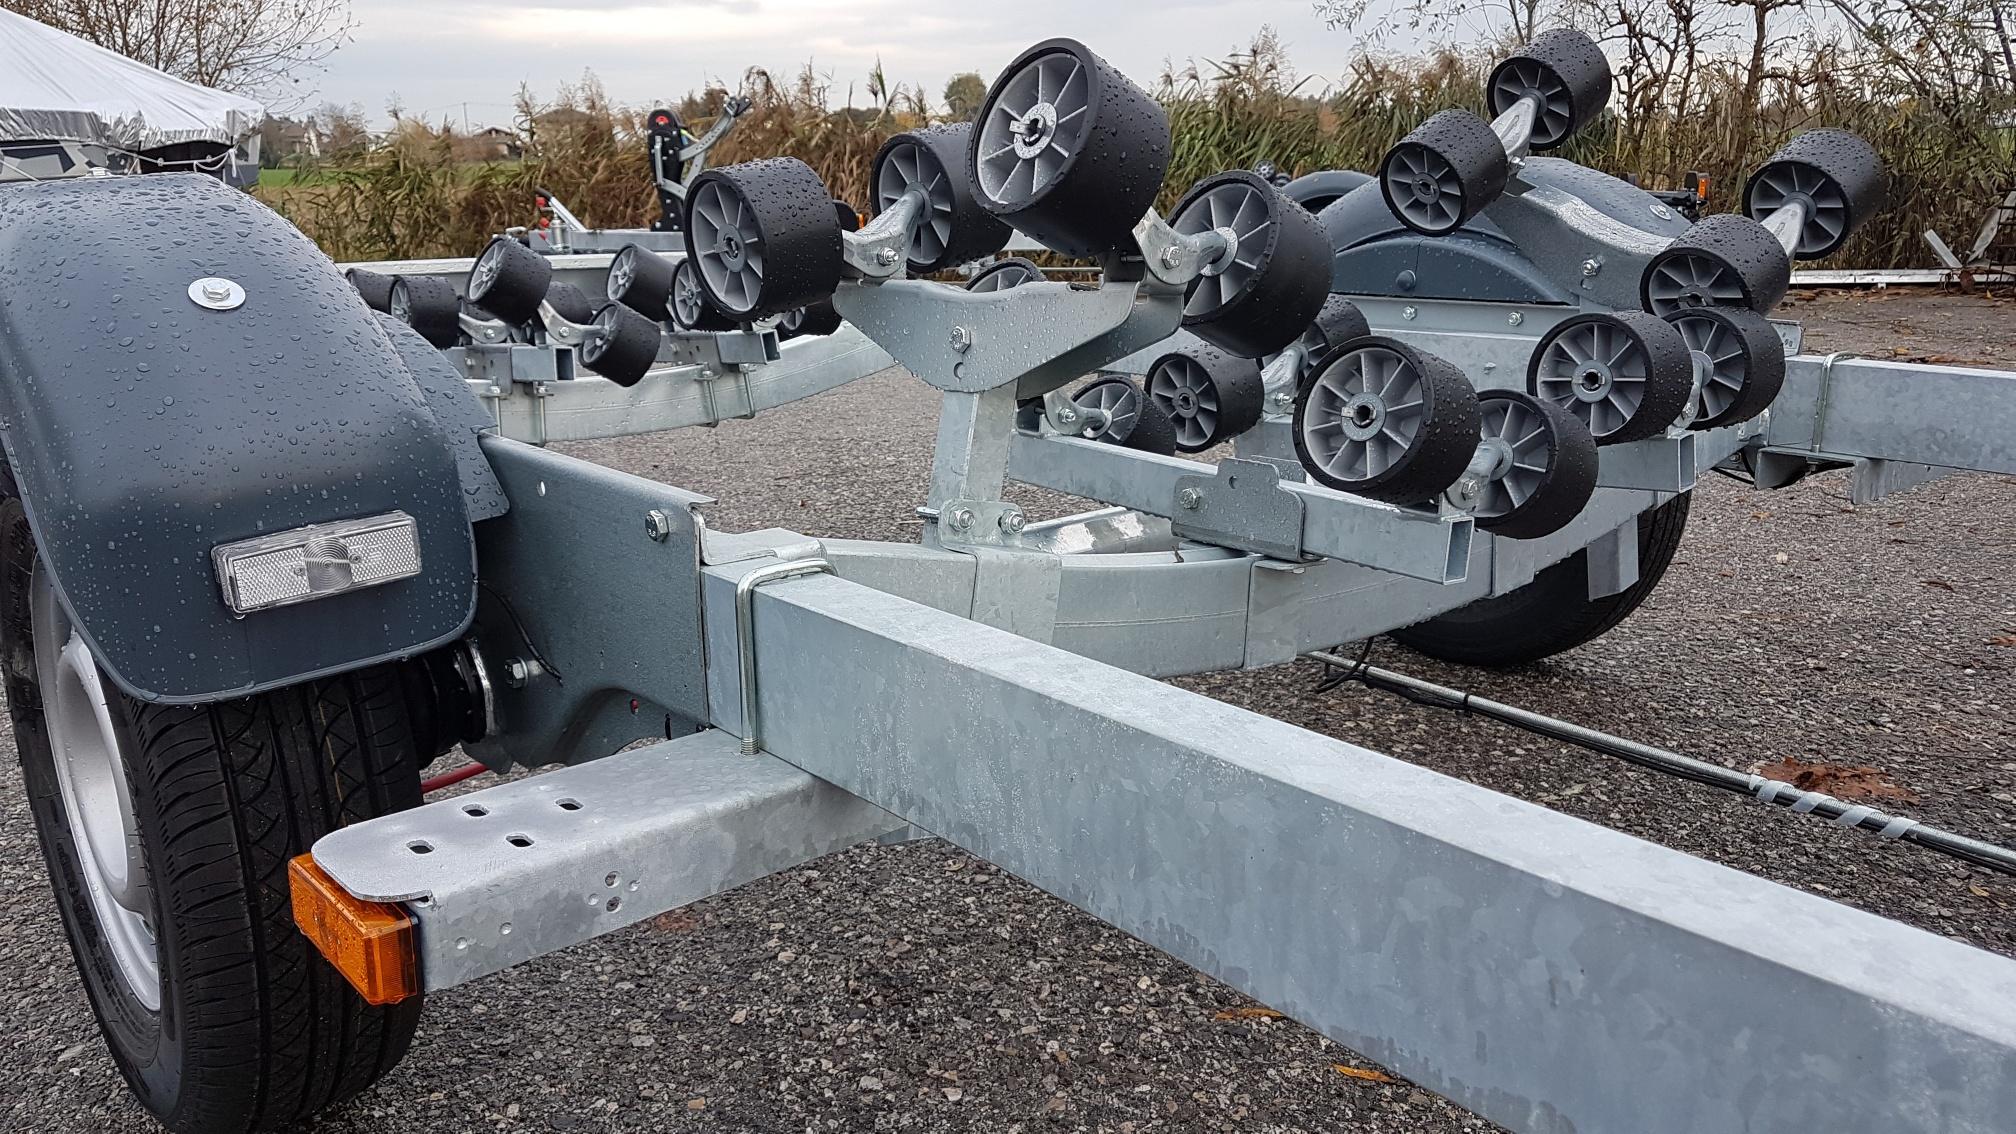 carrello rimorchio trasporto barche nuovo satellite area veneto venezia padova companymarine